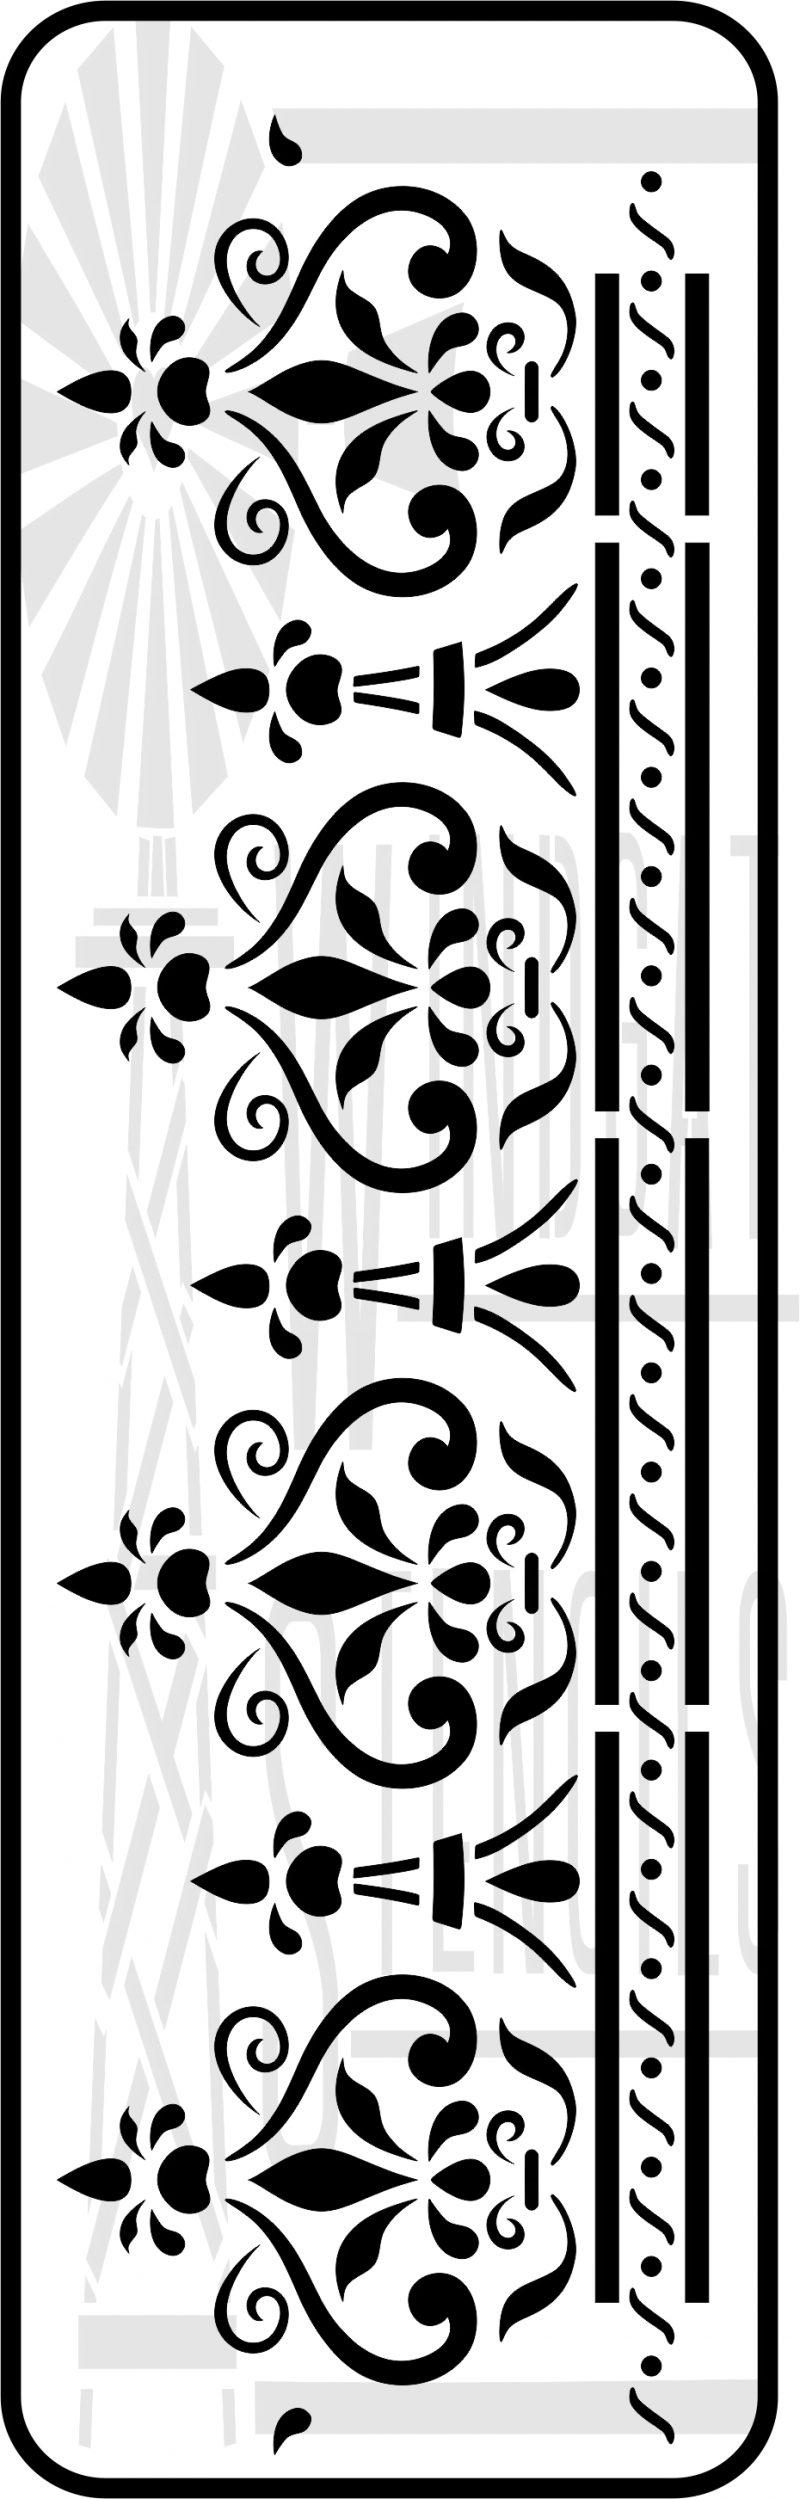 L12 – Stencil